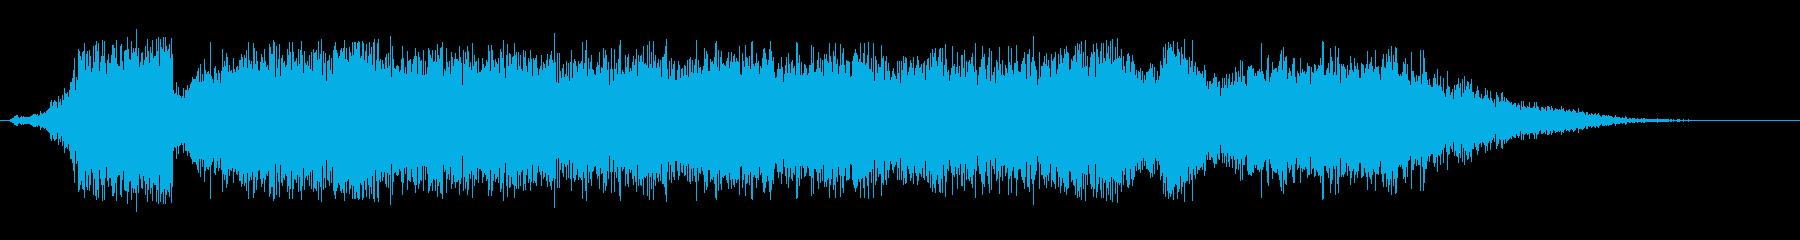 シューツ(空気が抜けるようなエアー音)の再生済みの波形